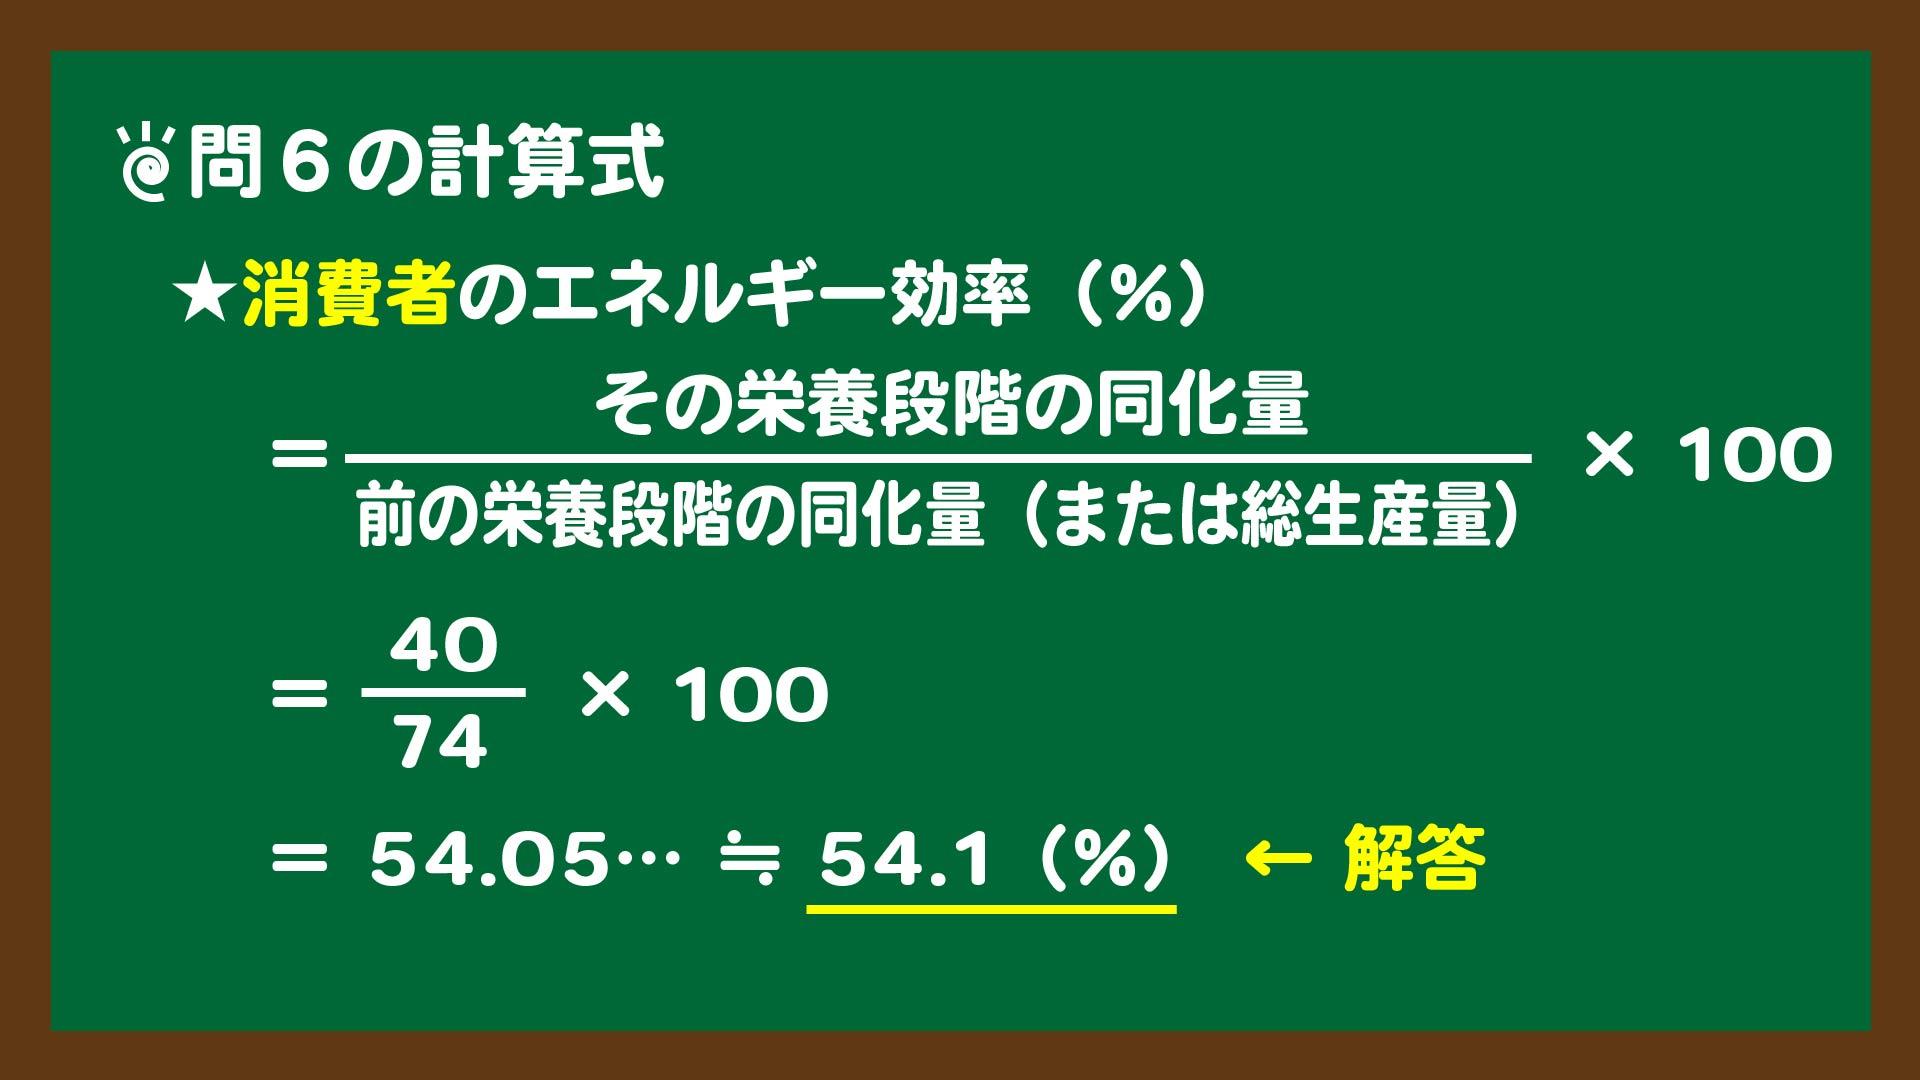 スライド10:問6の計算式